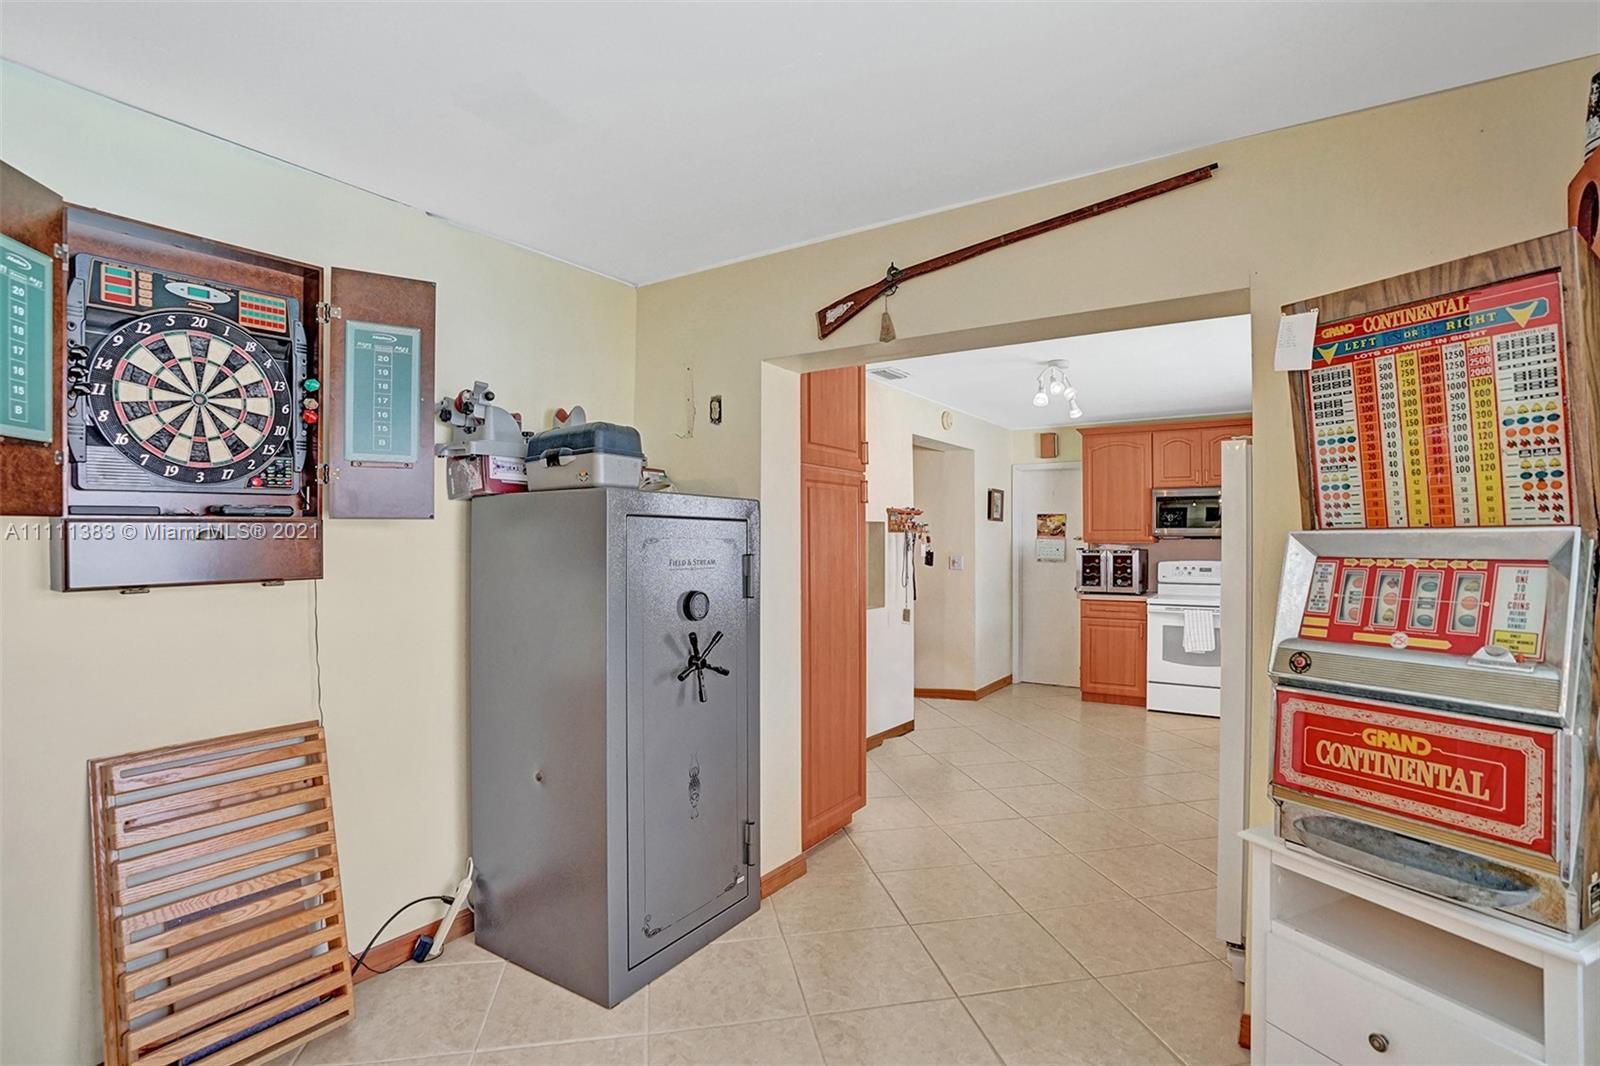 6461 Harding St, Hollywood, Florida image 22